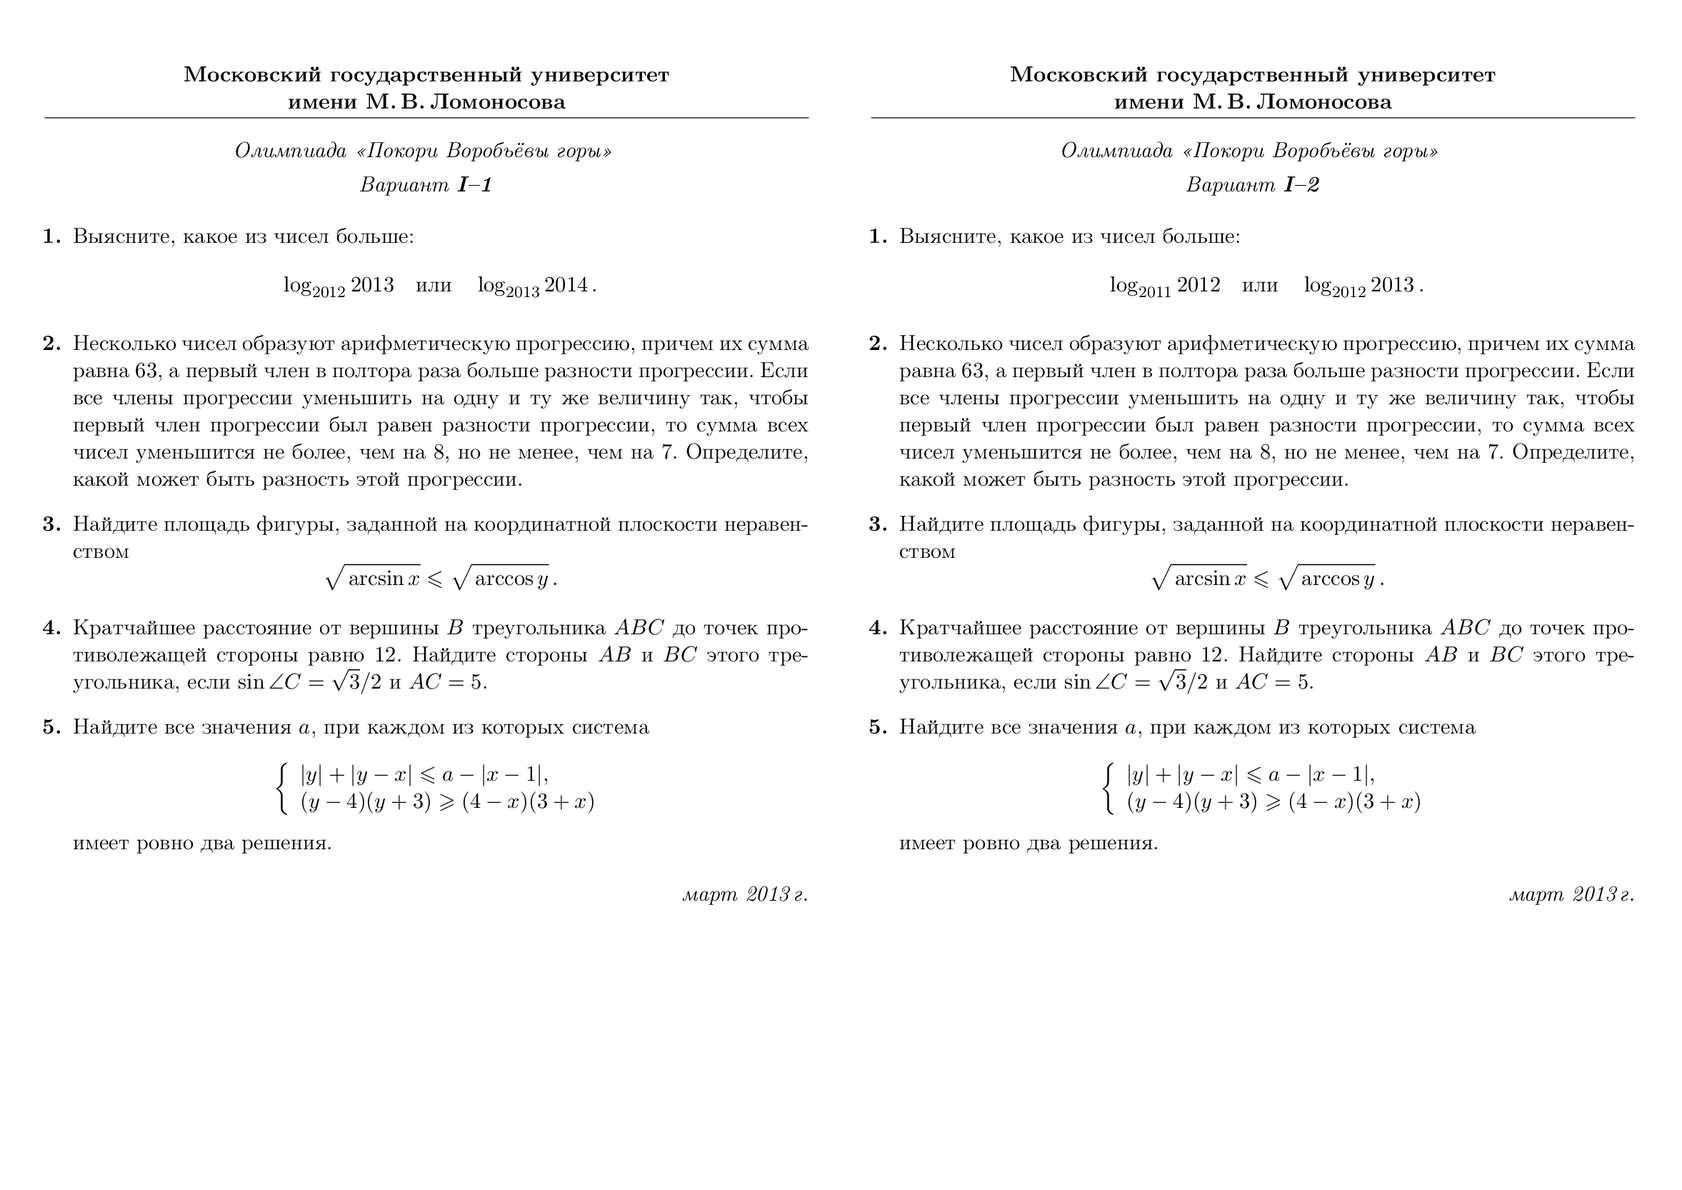 Задания и ответы  заключительного тура 2012-2013 года для 10-11 классов